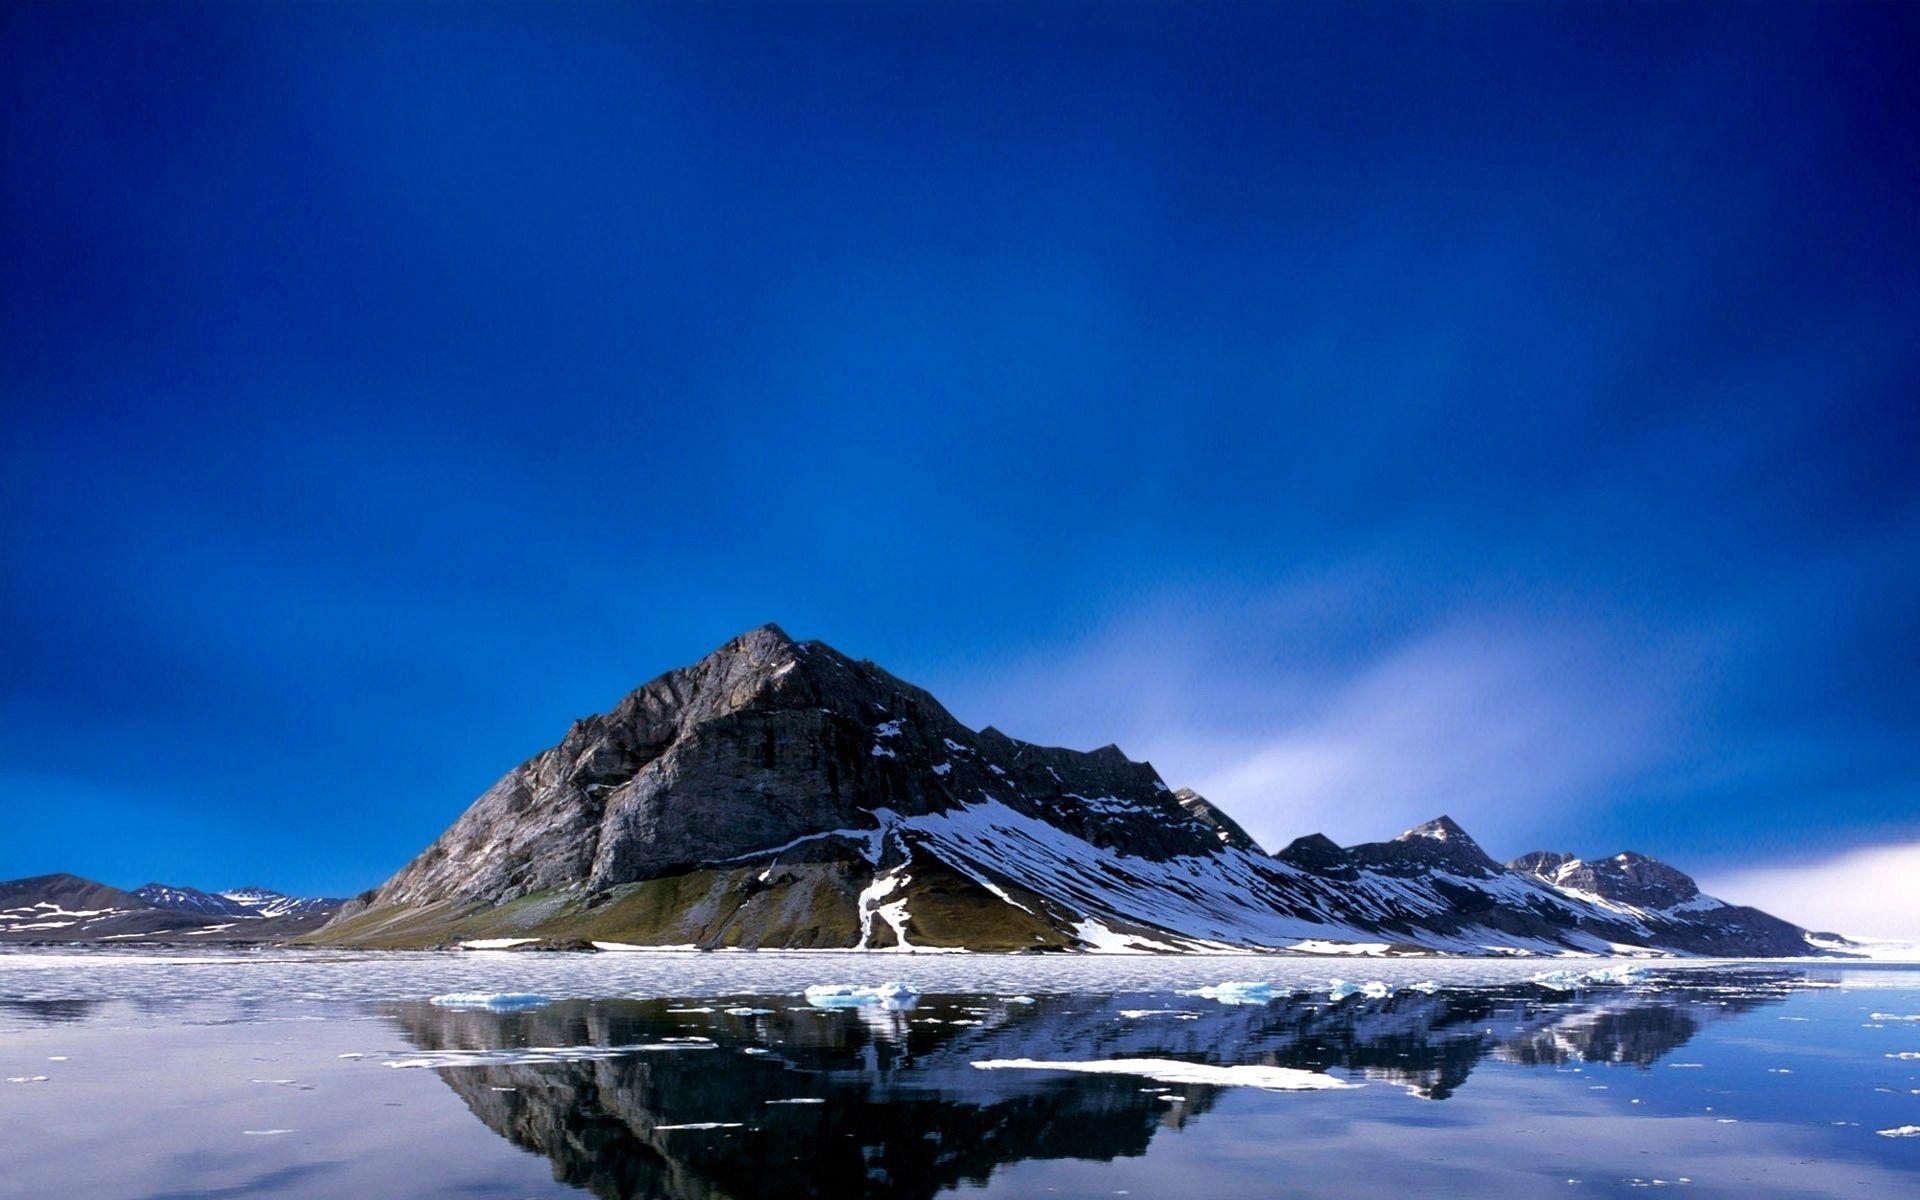 54755 скачать обои Природа, Гора, Пик, Остров, Море, Снег, Холод, Тишина - заставки и картинки бесплатно